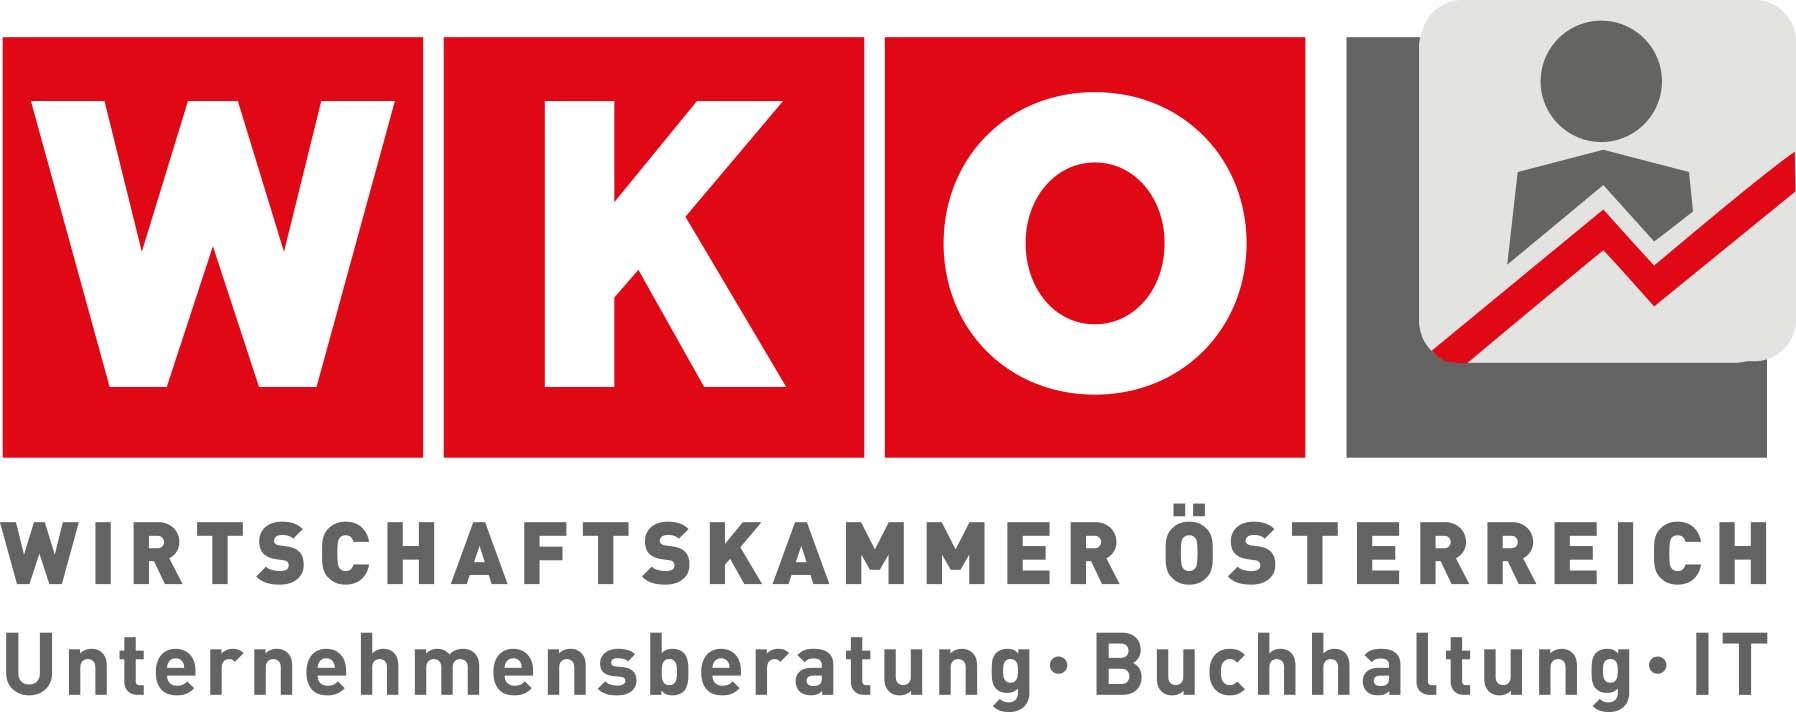 wko_UBIT_Logo_2013_WSAWIEN